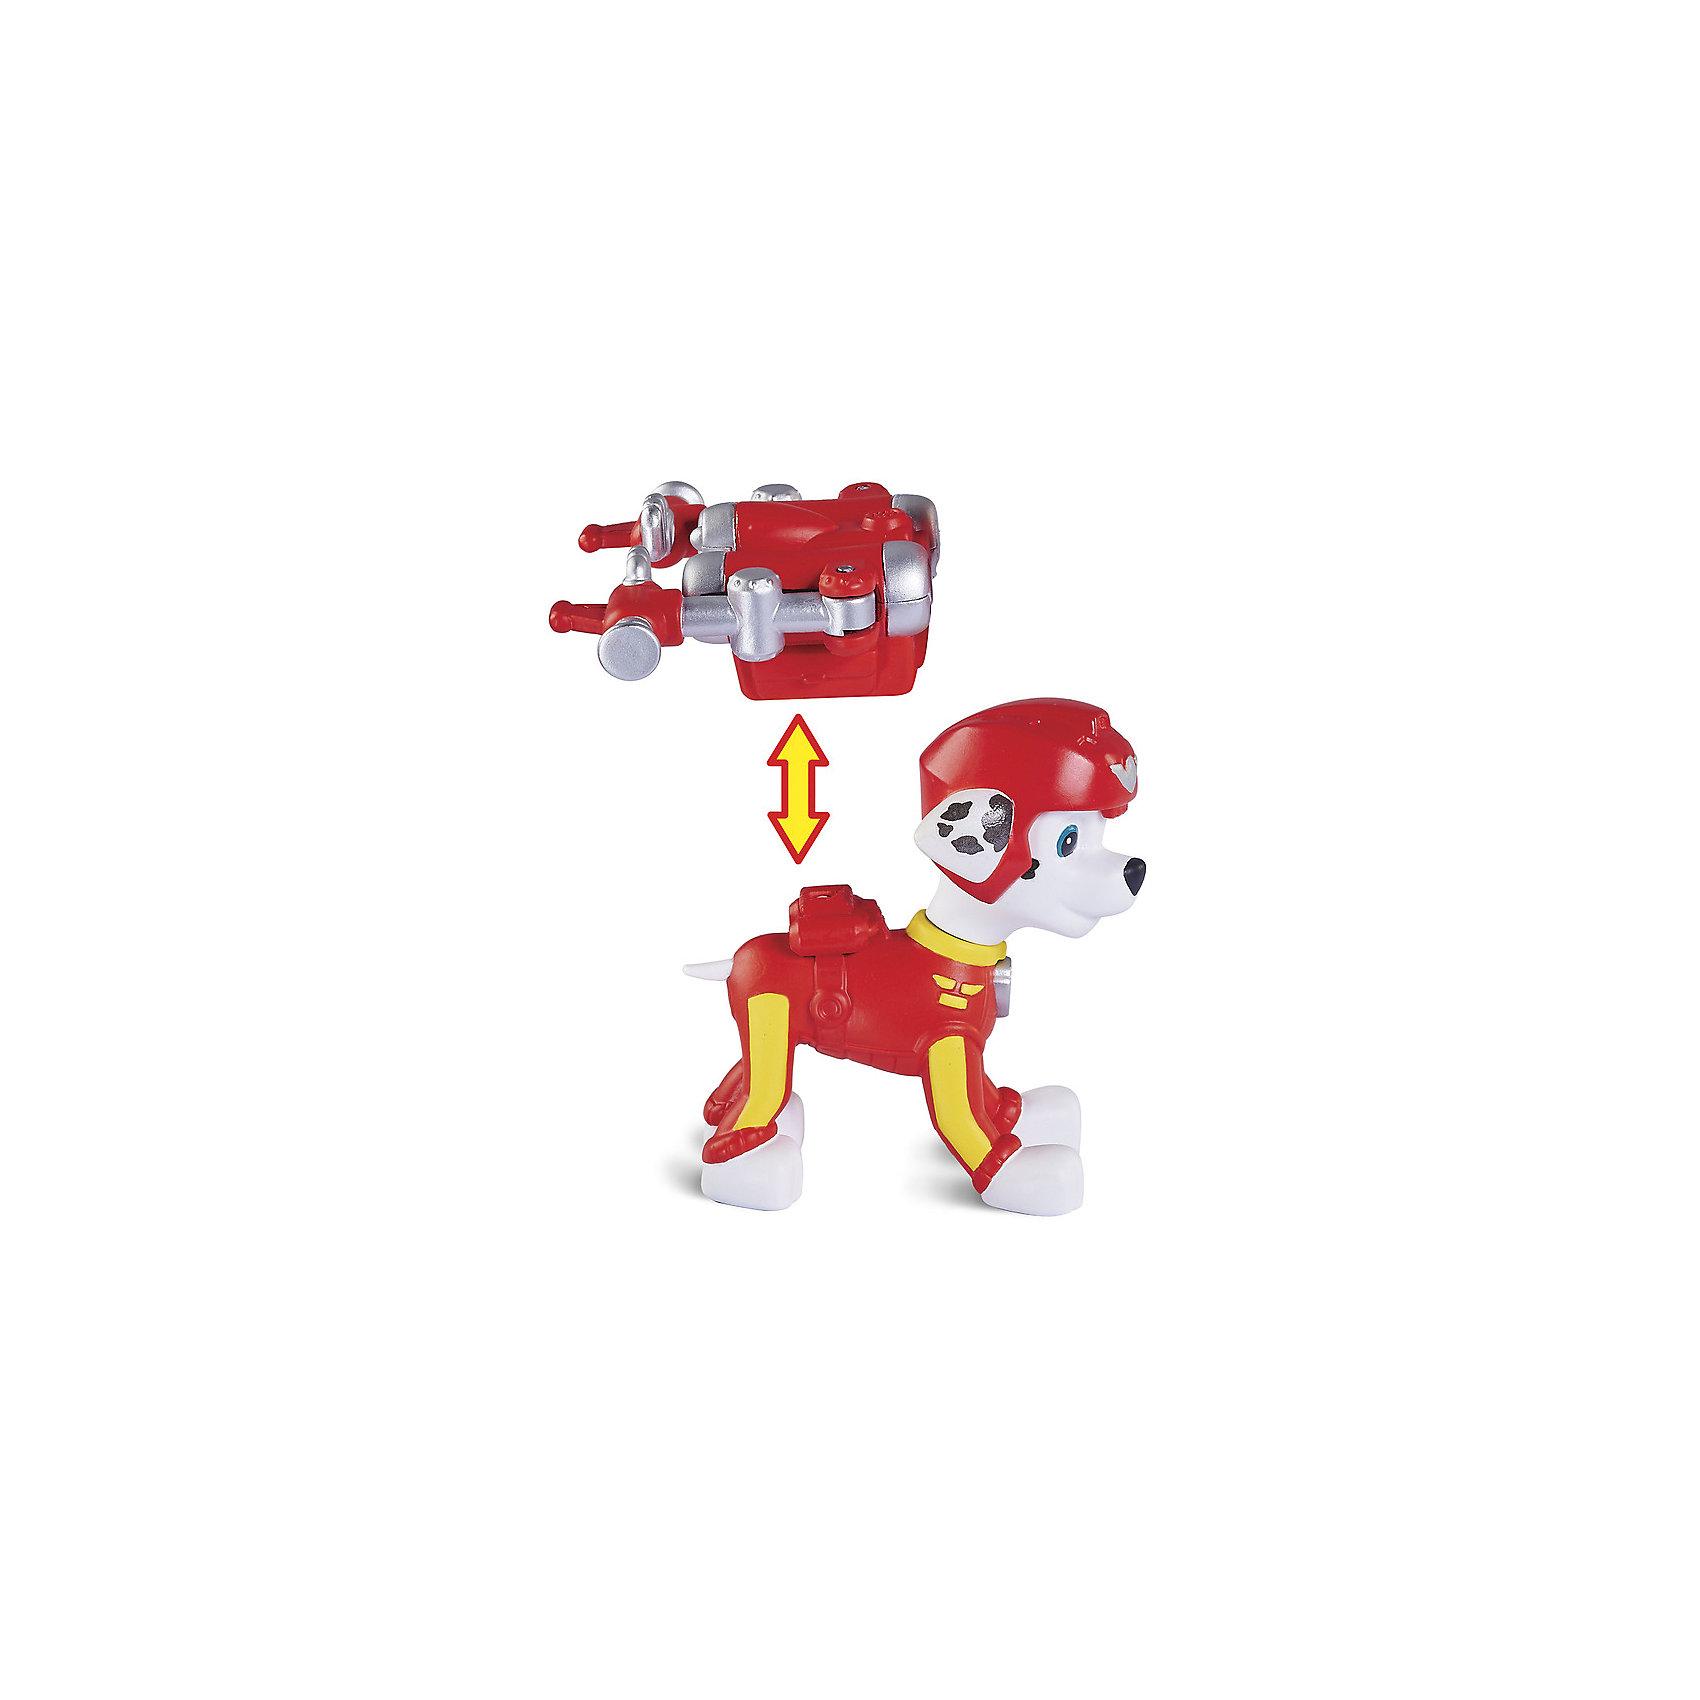 Фигурка воздушного спасателя Маршал, Щенячий ПатрульЛюбимые герои<br>Фигурка воздушного спасателя Маршал, Щенячий Патруль<br><br>Характеристики игровой фигурки Paw Patrol:<br><br>• размер фигурки: 7 см;<br>• аксессуар: съемный рюкзак;<br>• как снять рюкзак: нажать на кнопку; <br>• материал: пластик;<br>• серия Paw Patrol: Воздушные спасатели;<br>• размер упаковки: 25х5х19 см;<br>• вес упаковки: 226 г;<br>• оформление упаковки: картонная коробка.<br><br>Воздушные спасатели готовы прийти на помощь в любой ситуации. Точные копии героев из мультфильма «Щенячий Патруль» выполнены из пластика, детализированы, неподвижны. В комплекте предусмотрен аксессуар – съемный рюкзачок.  <br><br>Фигурку воздушного спасателя Маршал, Щенячий Патруль можно купить в нашем интернет-магазине.<br><br>Ширина мм: 260<br>Глубина мм: 50<br>Высота мм: 190<br>Вес г: 168<br>Возраст от месяцев: 36<br>Возраст до месяцев: 2147483647<br>Пол: Унисекс<br>Возраст: Детский<br>SKU: 5064294